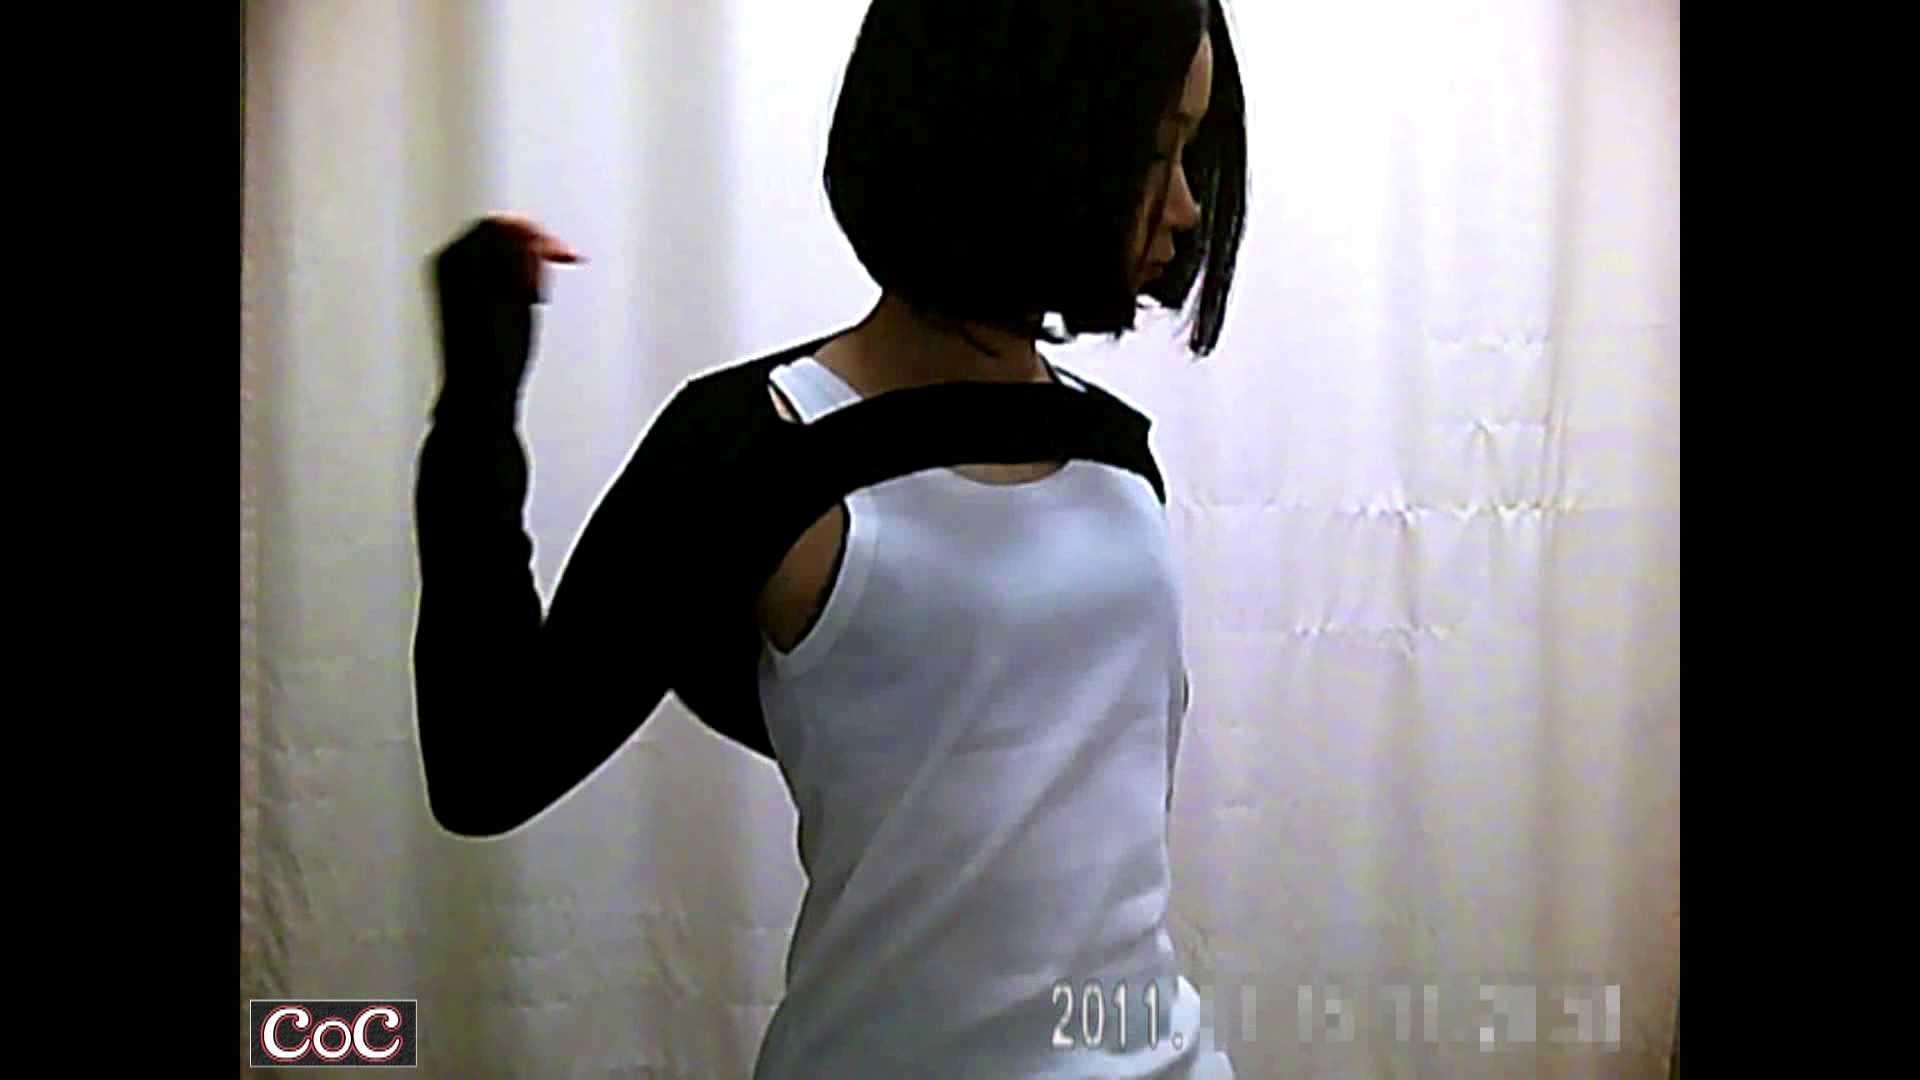 おまんこ丸見え|元医者による反抗 更衣室地獄絵巻 vol.205|怪盗ジョーカー